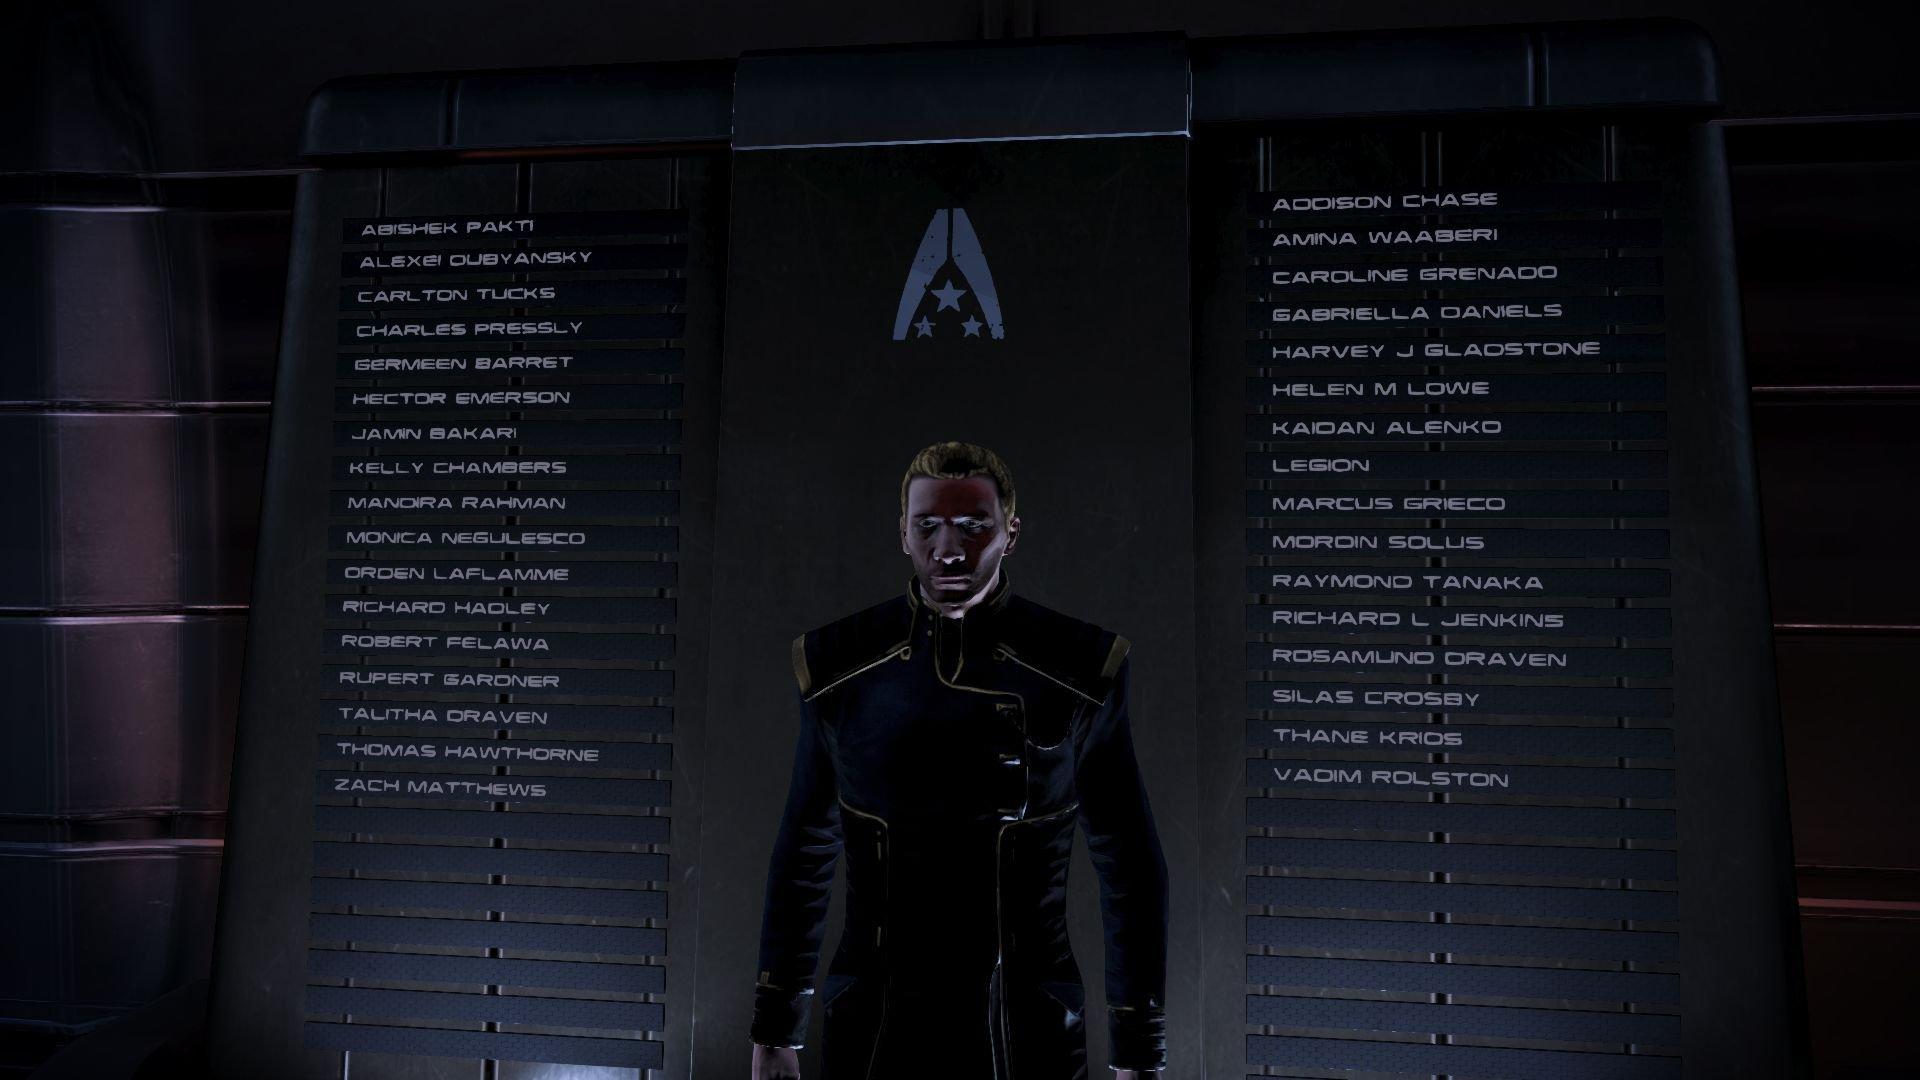 Прошел Цитадель - это все-таки лучшее DLC. Все  теперь в последний путь на финальную миссию. - Изображение 2